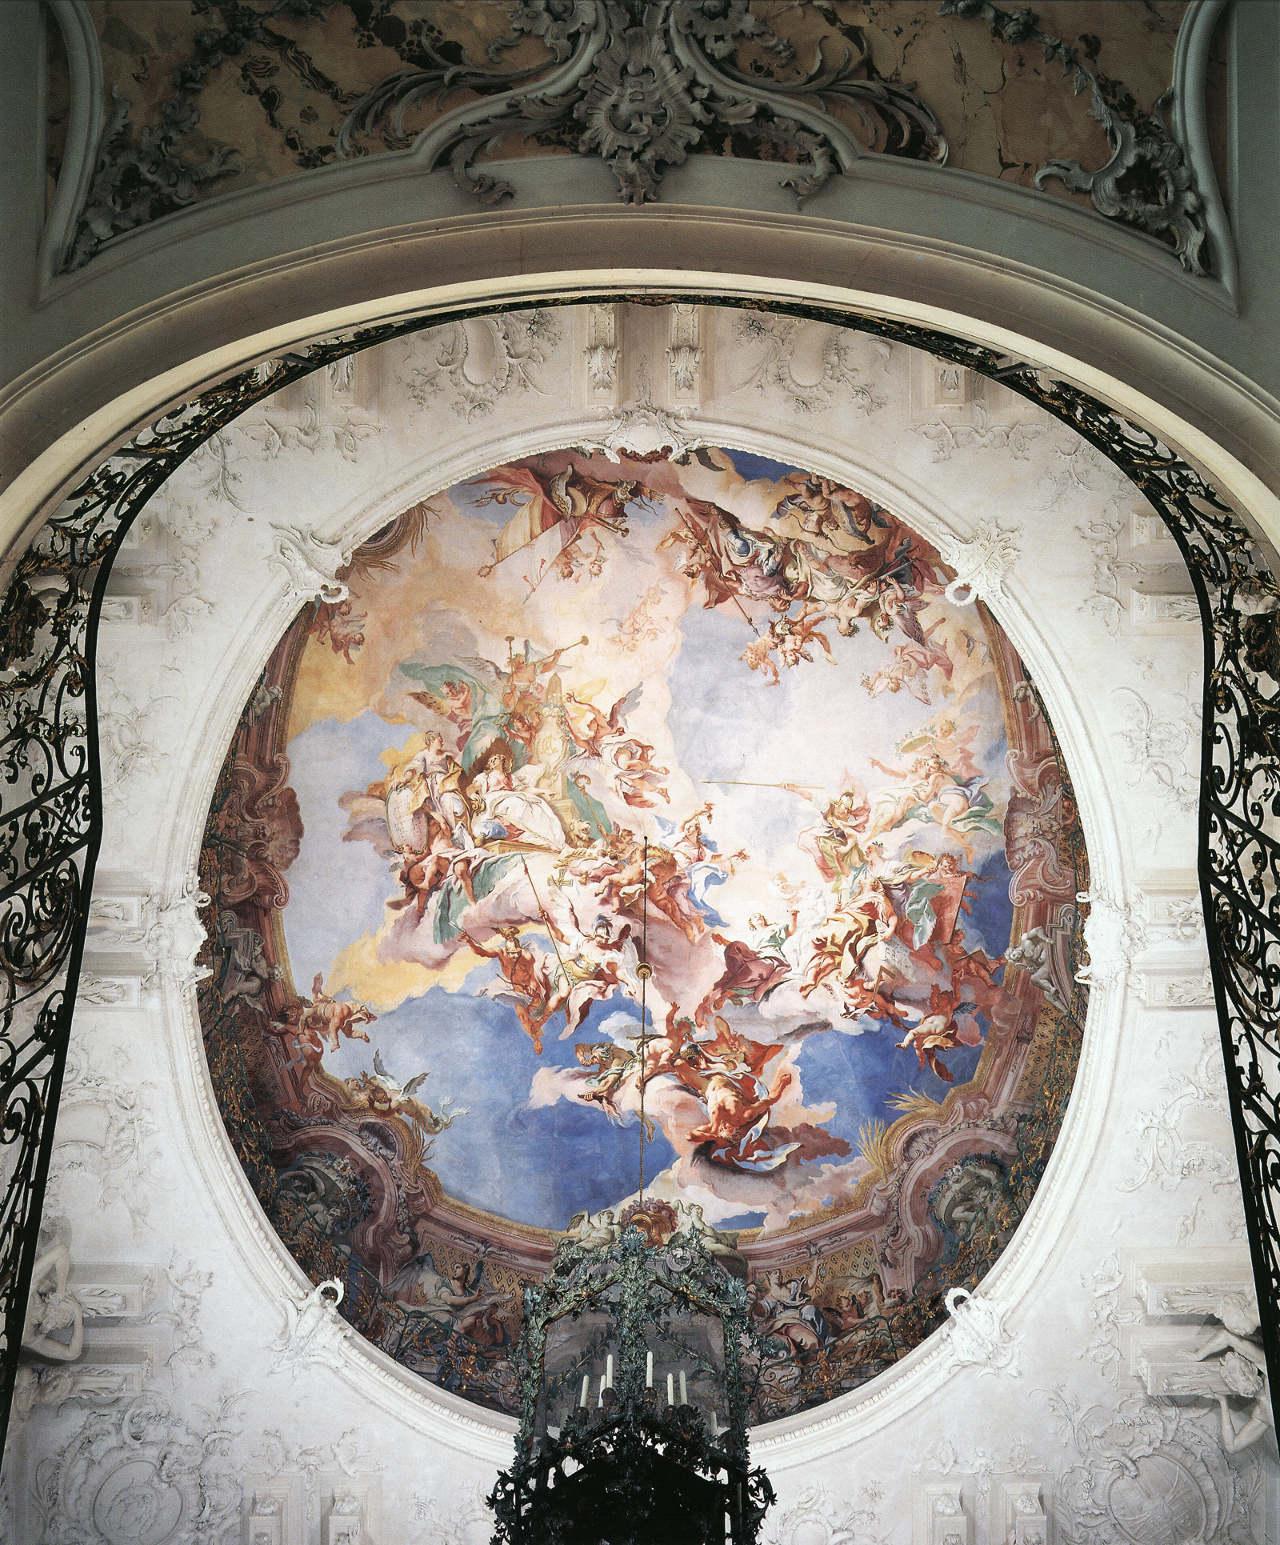 """um 1750, Deckengemälde Treppenhaus Schloß Augustusburg Brühl.<br> Quelle: <a href=""""http://prometheus.uni-koeln.de/pandora/image/show/heidicon_kg-649ef52164245e156c43c14d901bea8696c225b9"""">Prometheus</a>; publiziert in Merten, Klaus: Burgen und Schlösser in Deutschland. München 1995: Hirmer, 288.<br>  Lizenz: Zitat eines urheberrechtlich geschützten Werks (§ 51 UrhG) <br> <strong>Erläuterung:</strong> Die Darstellung hat die Protektion der Künste durch fürstliche Großmut zum Thema. Die Verbindung vom Schutz der Künste mit der Verherrlichung des Hausherrn, Kurfürst Clemens August, wird über die Figur der Magnanimitas hergestellt, verläuft somit über die Allegorie. Abgeleitet vom kurfürstlichen Wahlspruch """"Pietate et Magnanimitate"""" werden die Künste, die sich mit ihren Attributen auf einer Wolke am rechten Bildrand versammelt haben, zur thronenden fürstlichen Großmut geleitet. Minerva weist ihnen den Weg hinauf zu dem von Magnifizenz und Freigebigkeit umgebenen fürstlichen Thron. Das kurfürstliche Wappentier und die Kartusche mit Monogramm am Obelisken verdeutlichen die allegorische Lesart als Glorifizierung Clemens Augusts. Das Programm des Kunsthelden enthält ebenso eine kämpferische Komponente, ebenfalls durch Personifikationen verhandelt: Merkur und Virtus stürzen Invidia und Luxuria in die Tiefe."""